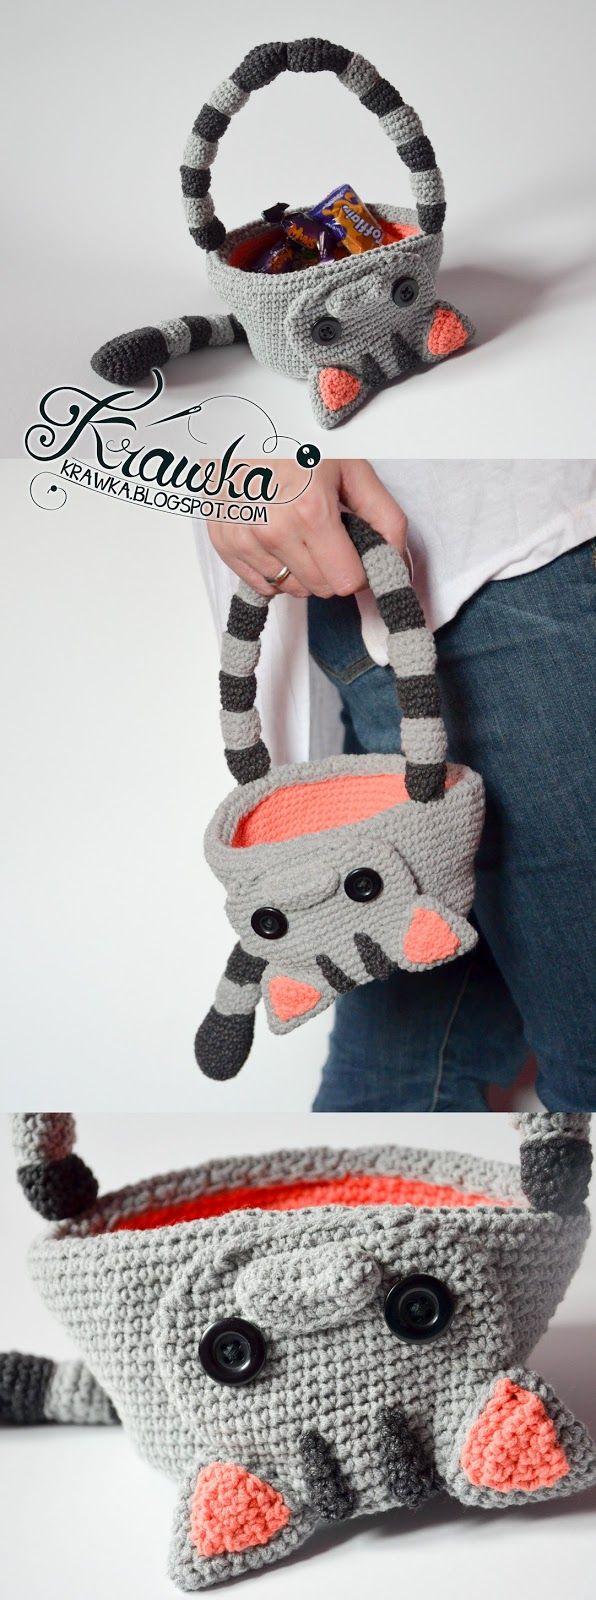 Krawka: Dead cat Halloween basket crochet pattern, candy bag ...